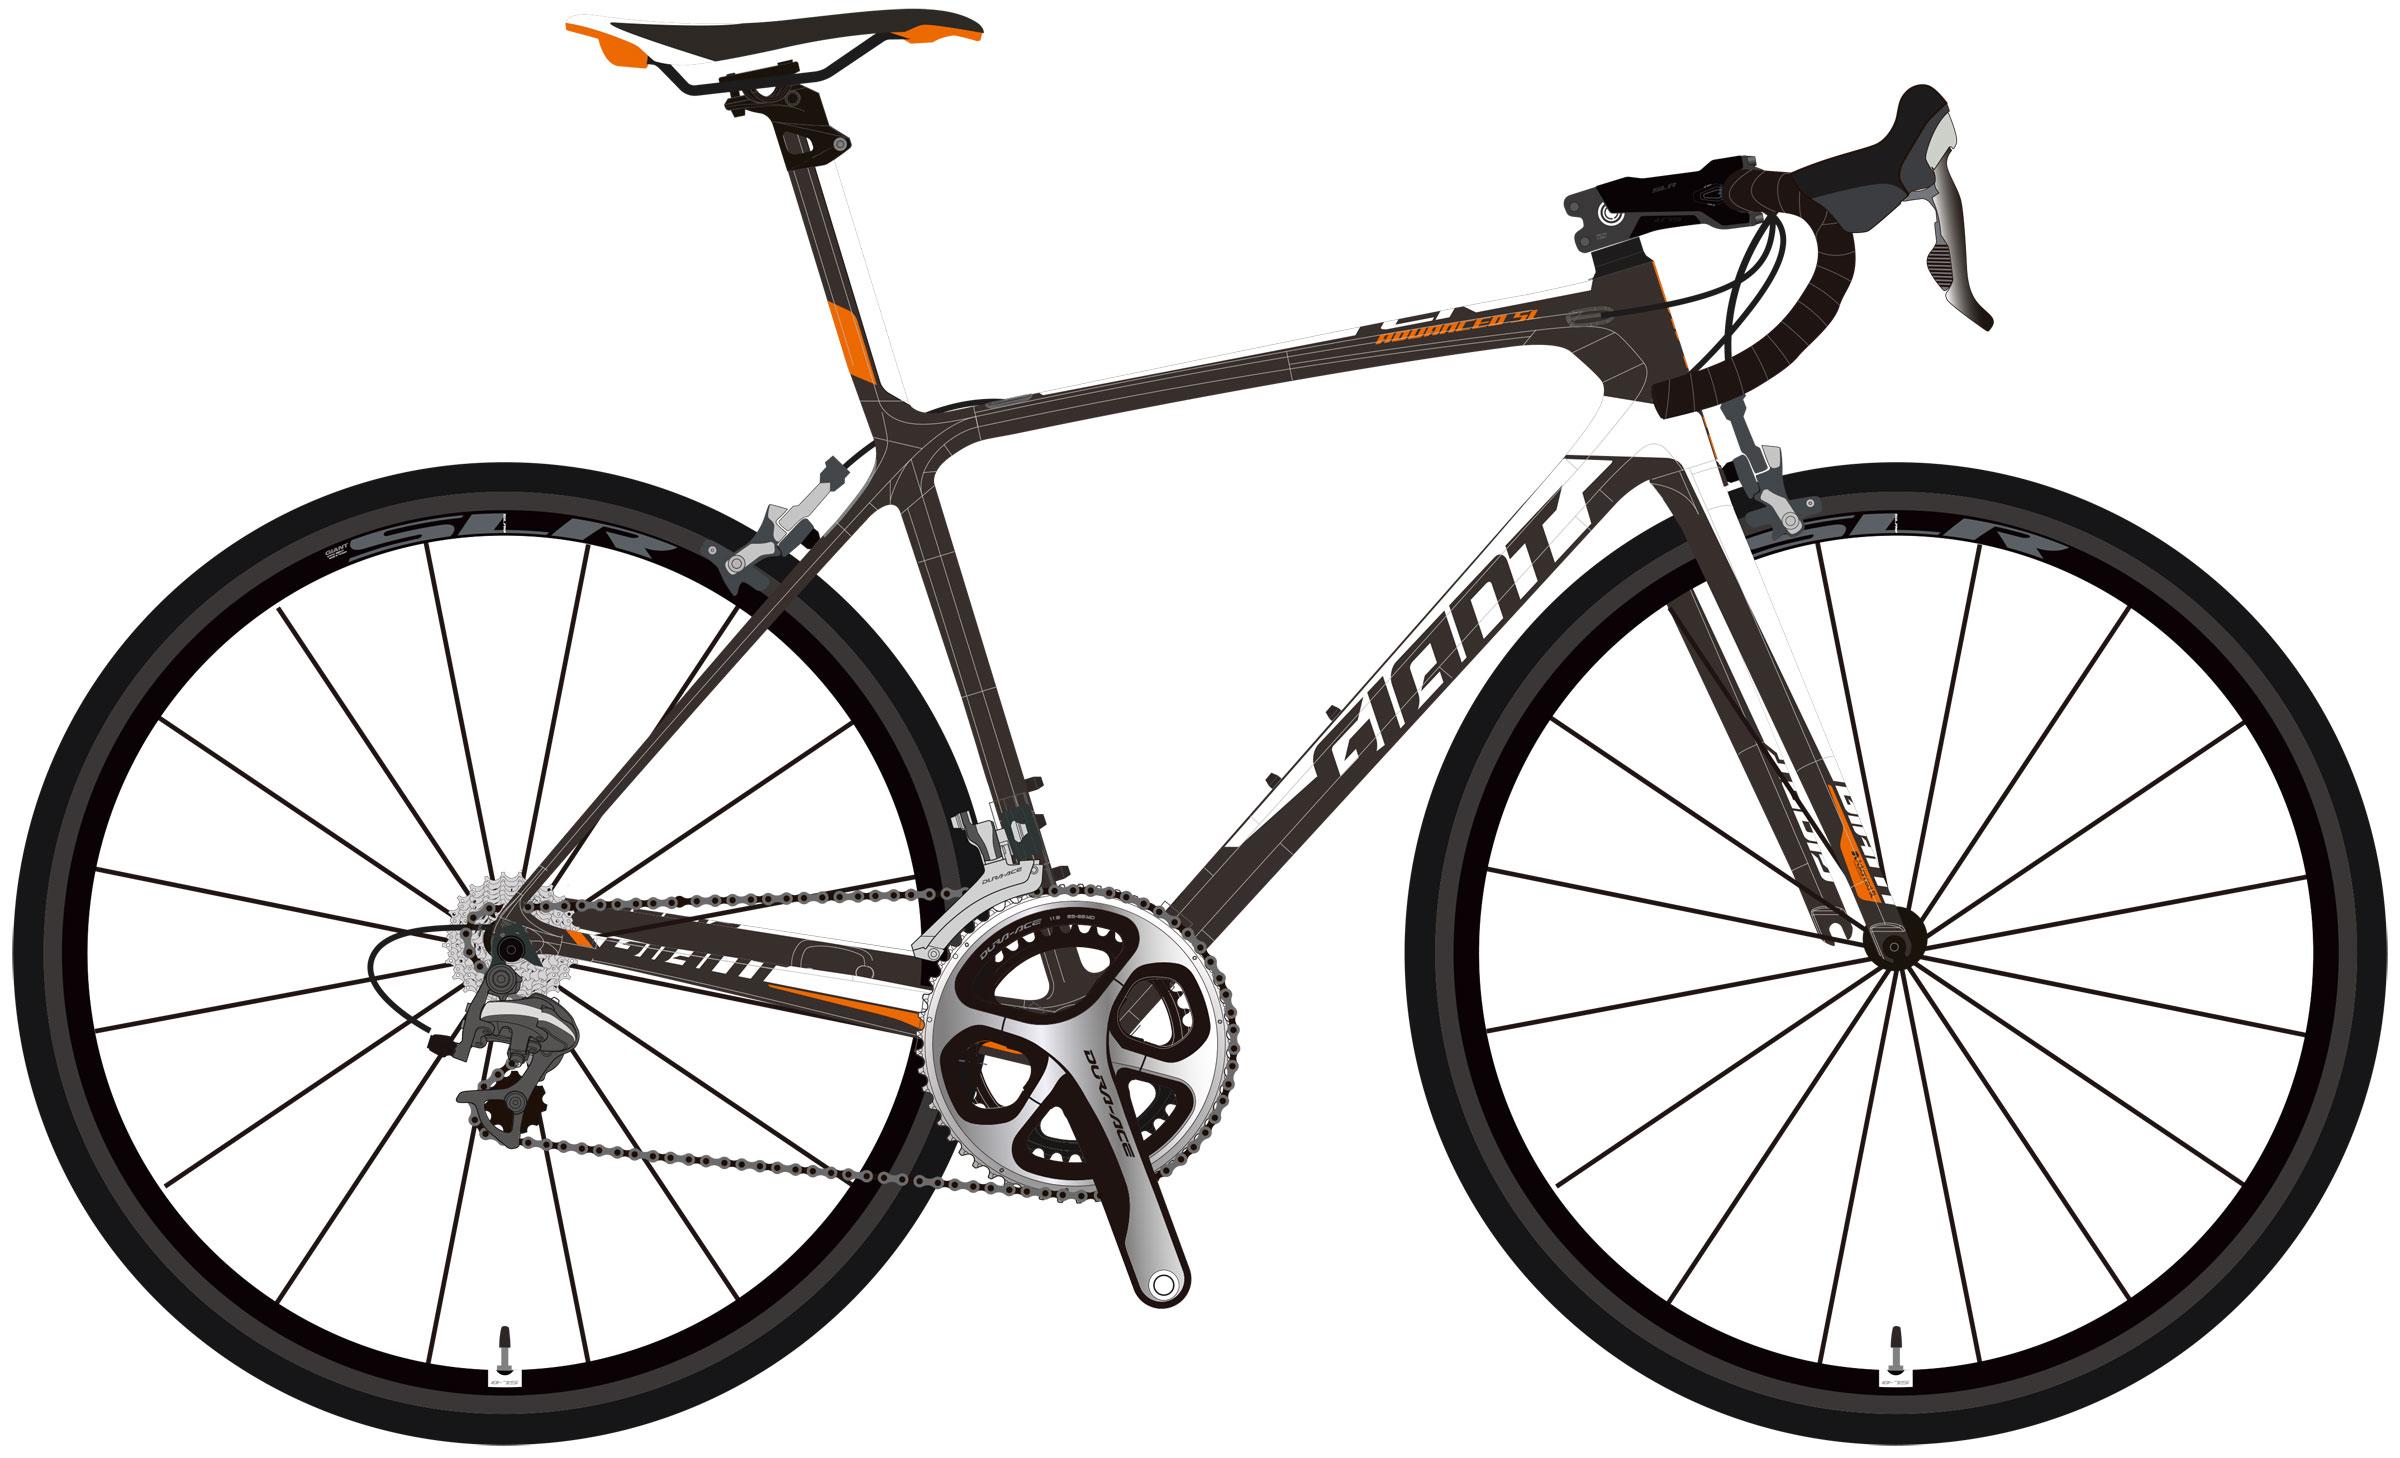 67ac4cacca6 Giant TCR Advanced SL 1 ISP - Wheel World Bike Shops - Road Bikes ...